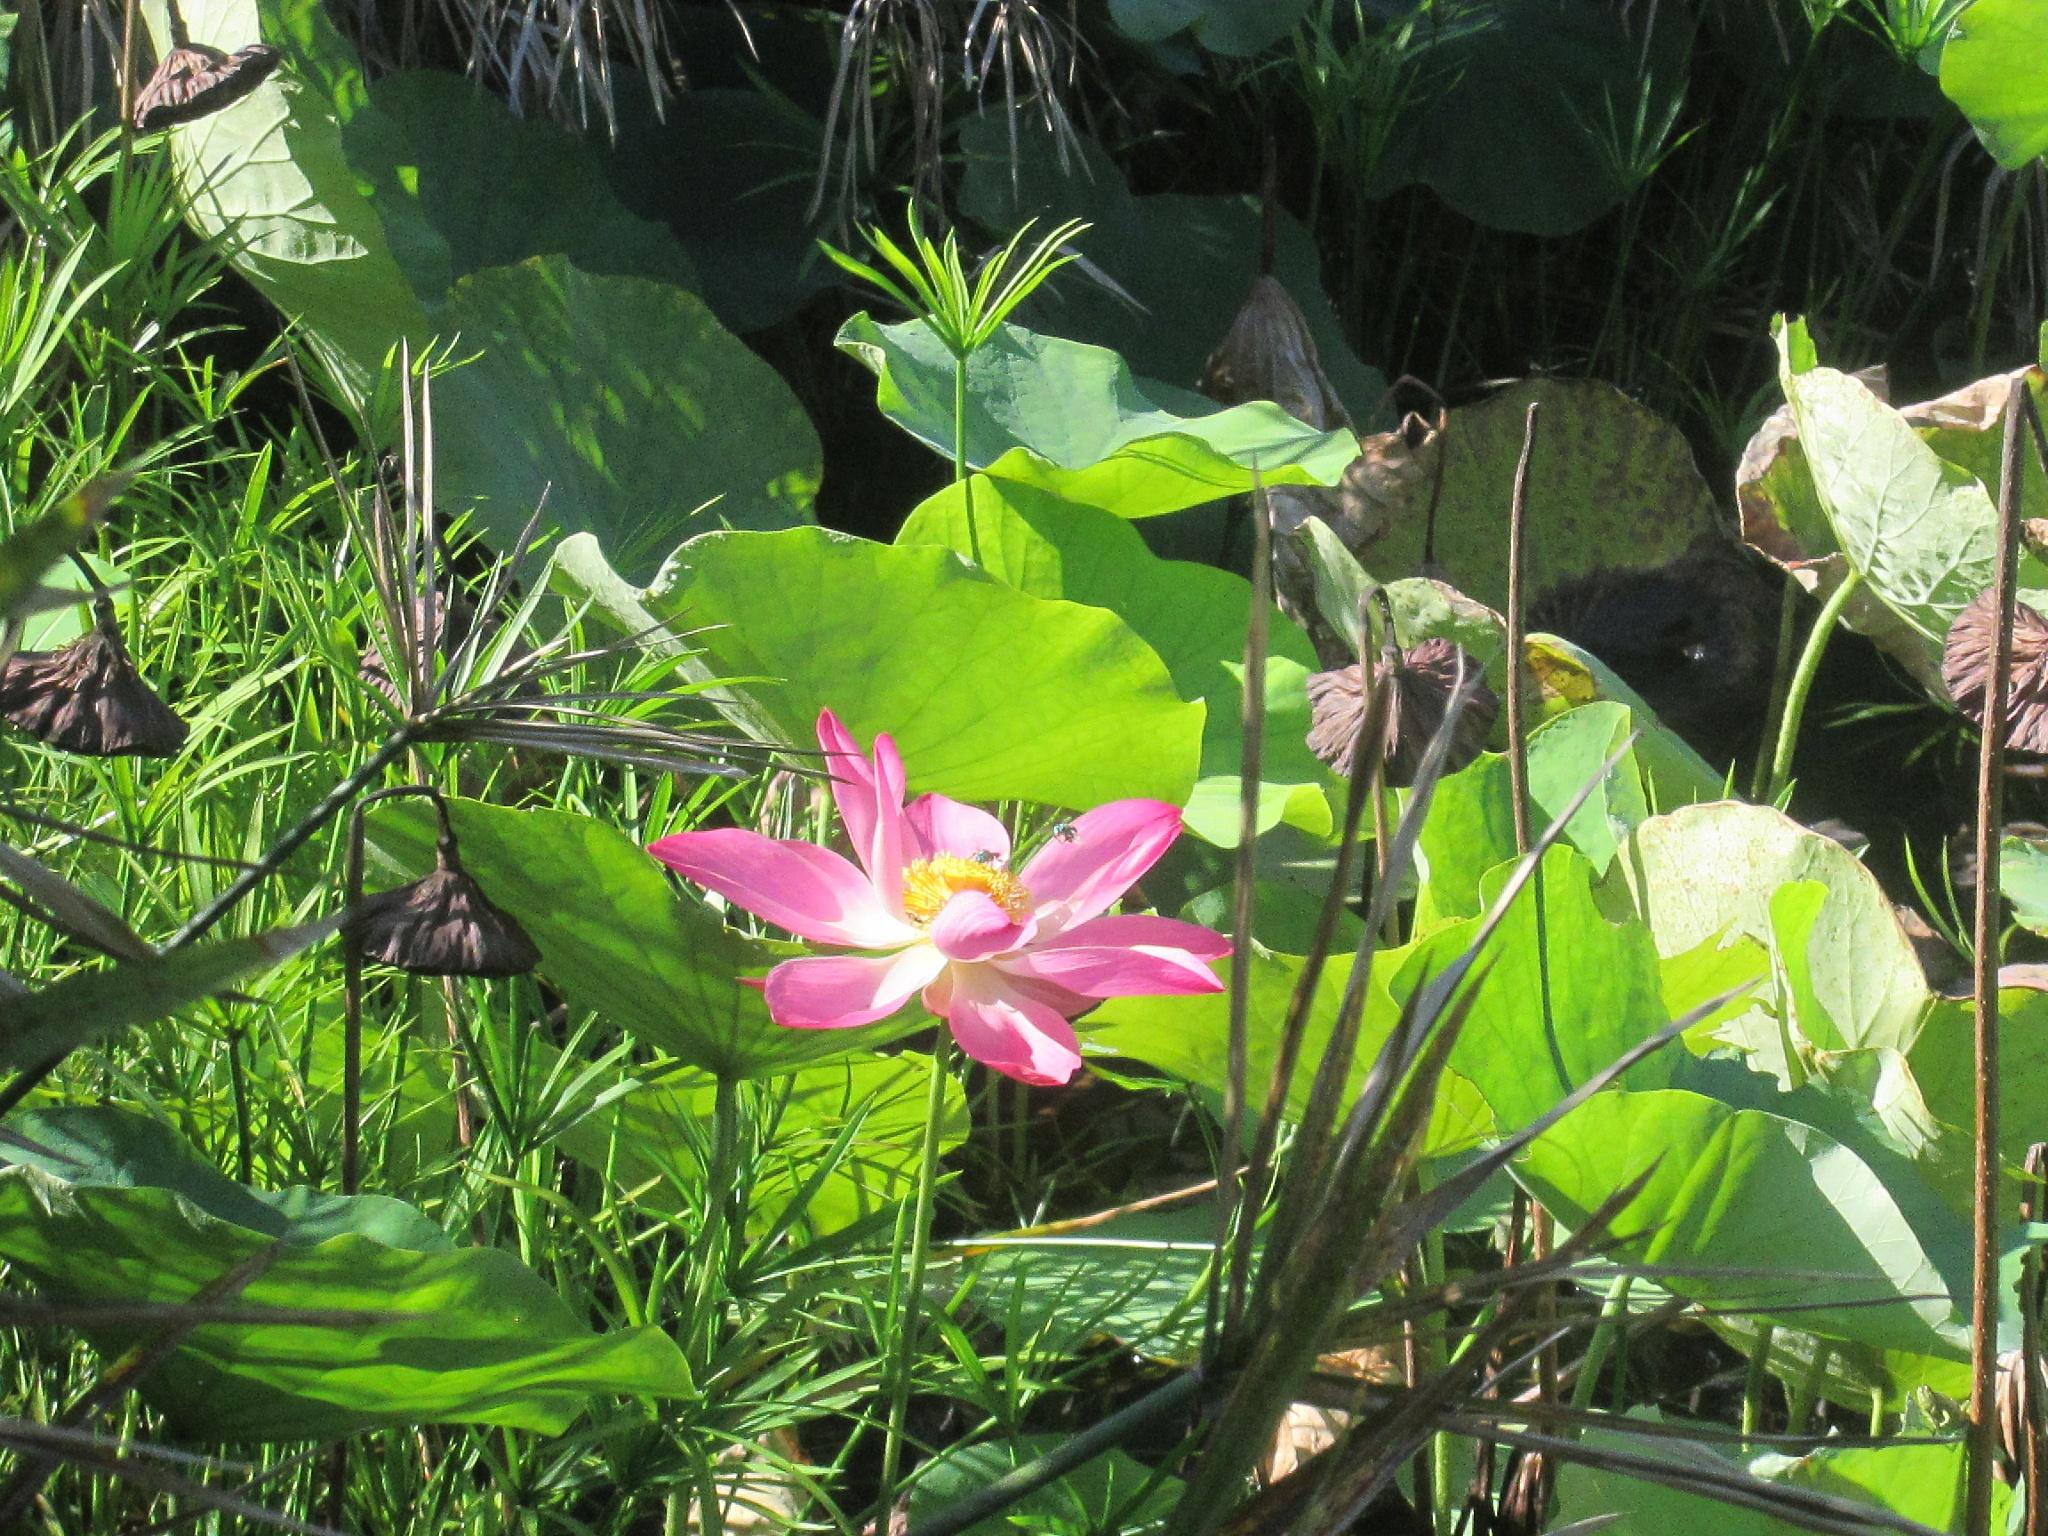 lotus blossom 2 by pamela.kanarr